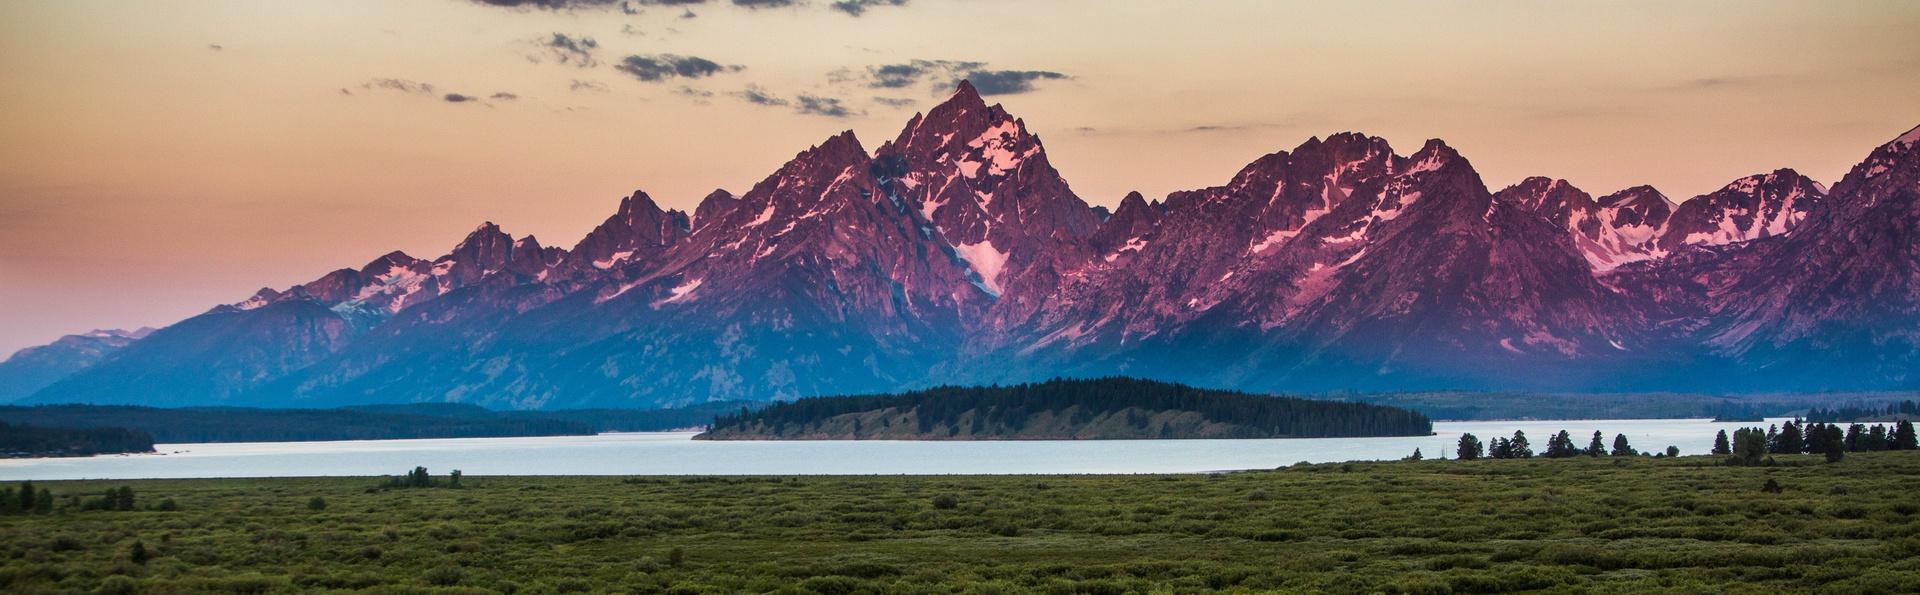 3. Vườn quốc gia Grand Taton đến Yellowstone, Mỹ: Chặng đường quanh hai vườn quốc gia nổi tiếng dài 402 km, thu hút nhiều du khách với siêu núi lửa độc đáo và mạch nước phun bên cạnh những hồ nước cao hoàn toàn nguyên sơ.